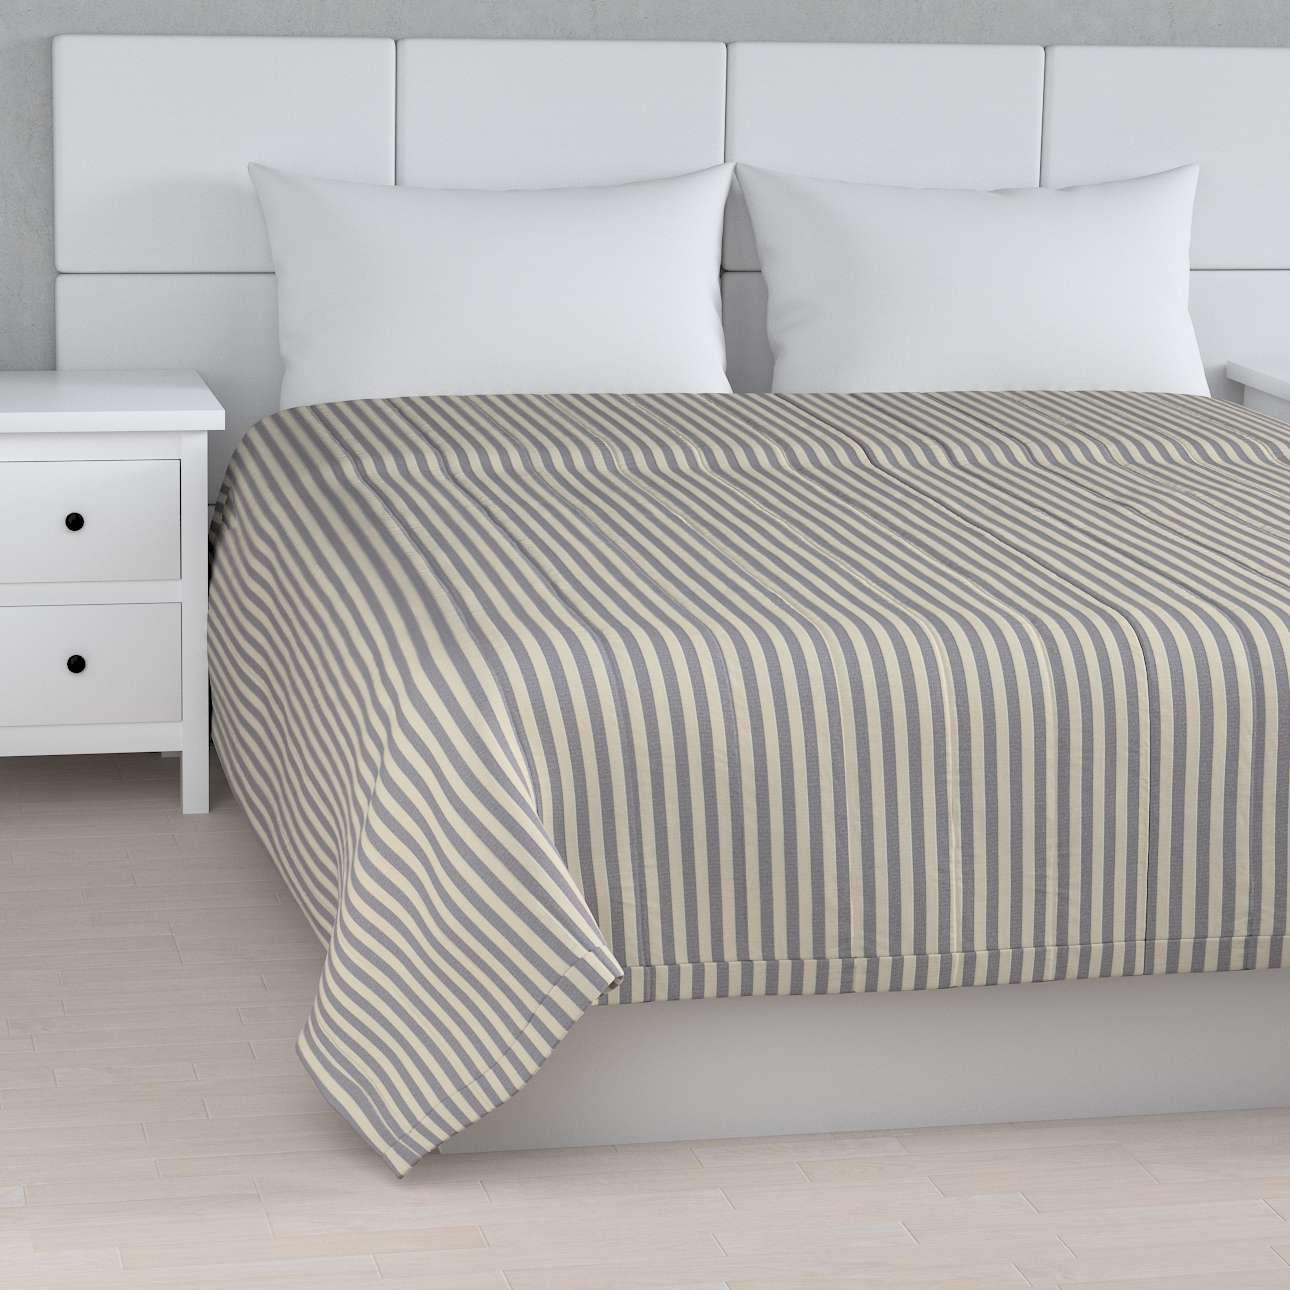 Tagesdecke mit Streifen-Steppung von der Kollektion Quadro, Stoff: 136-02